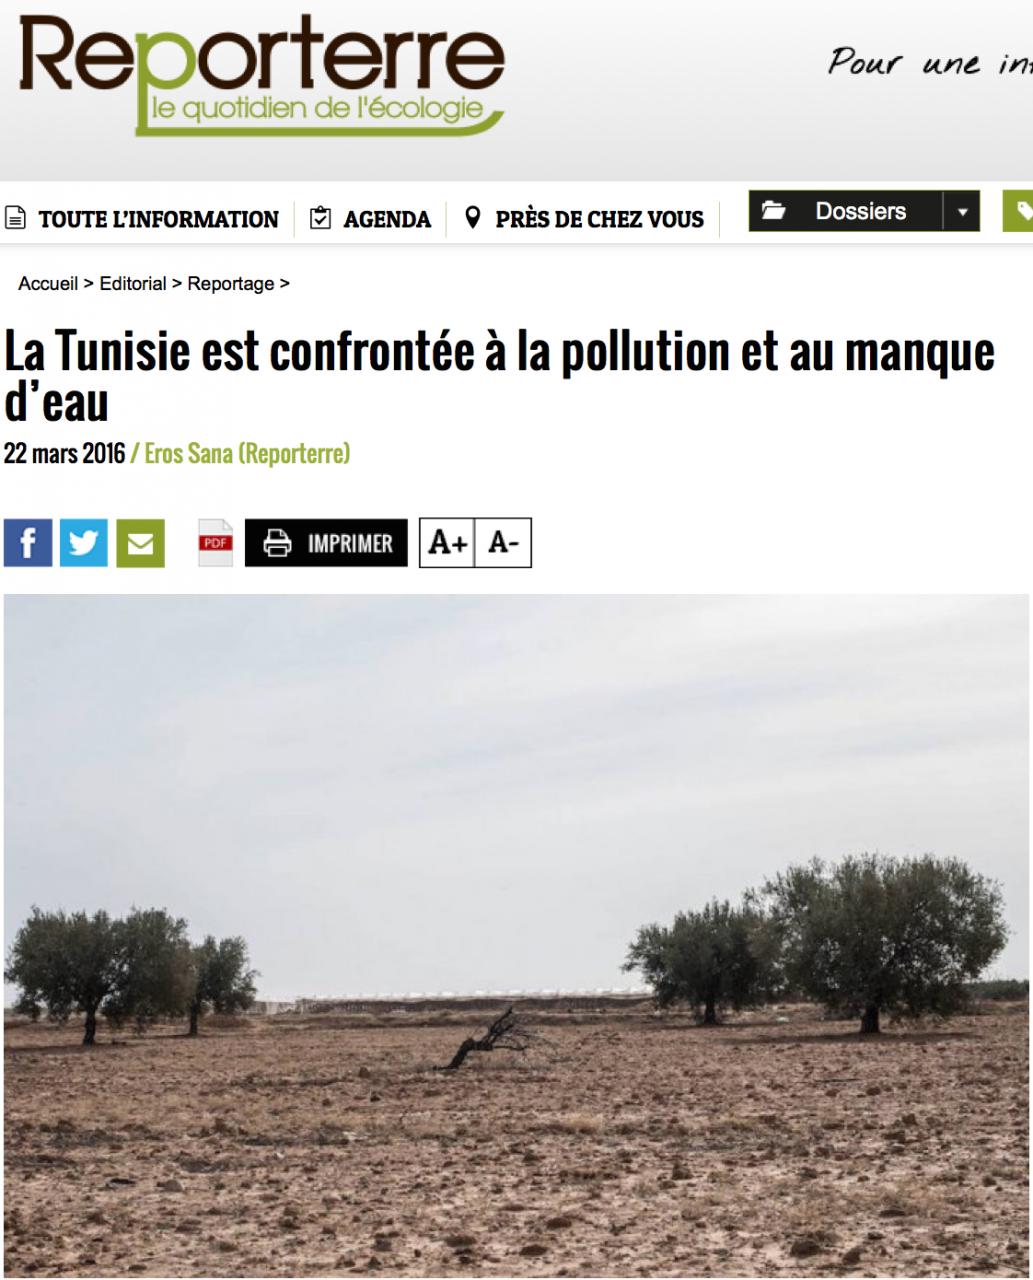 Pollution et manque d'eau en Tunisie